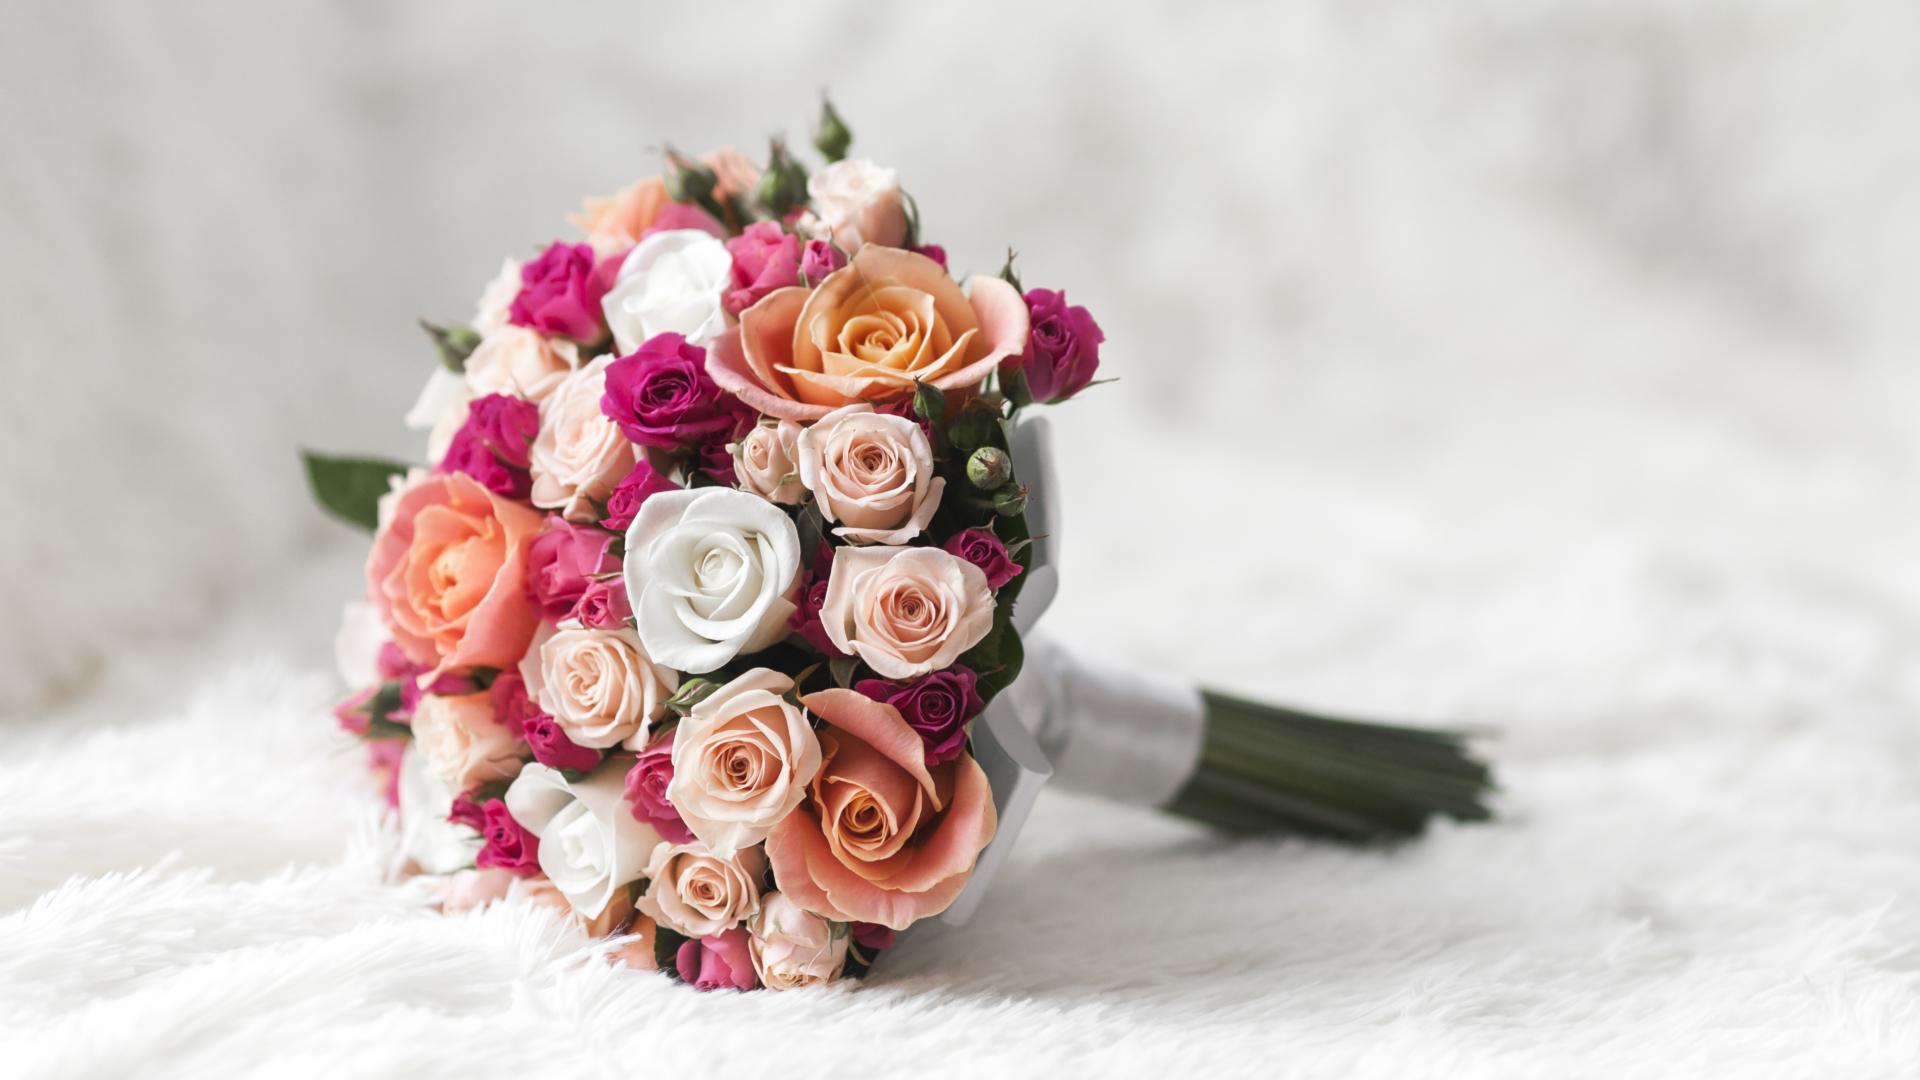 Bouquet Sposa Quali Fiori Scegliere.Fiori Per Un Matrimonio In Estate Quali Scegliere La Fenice